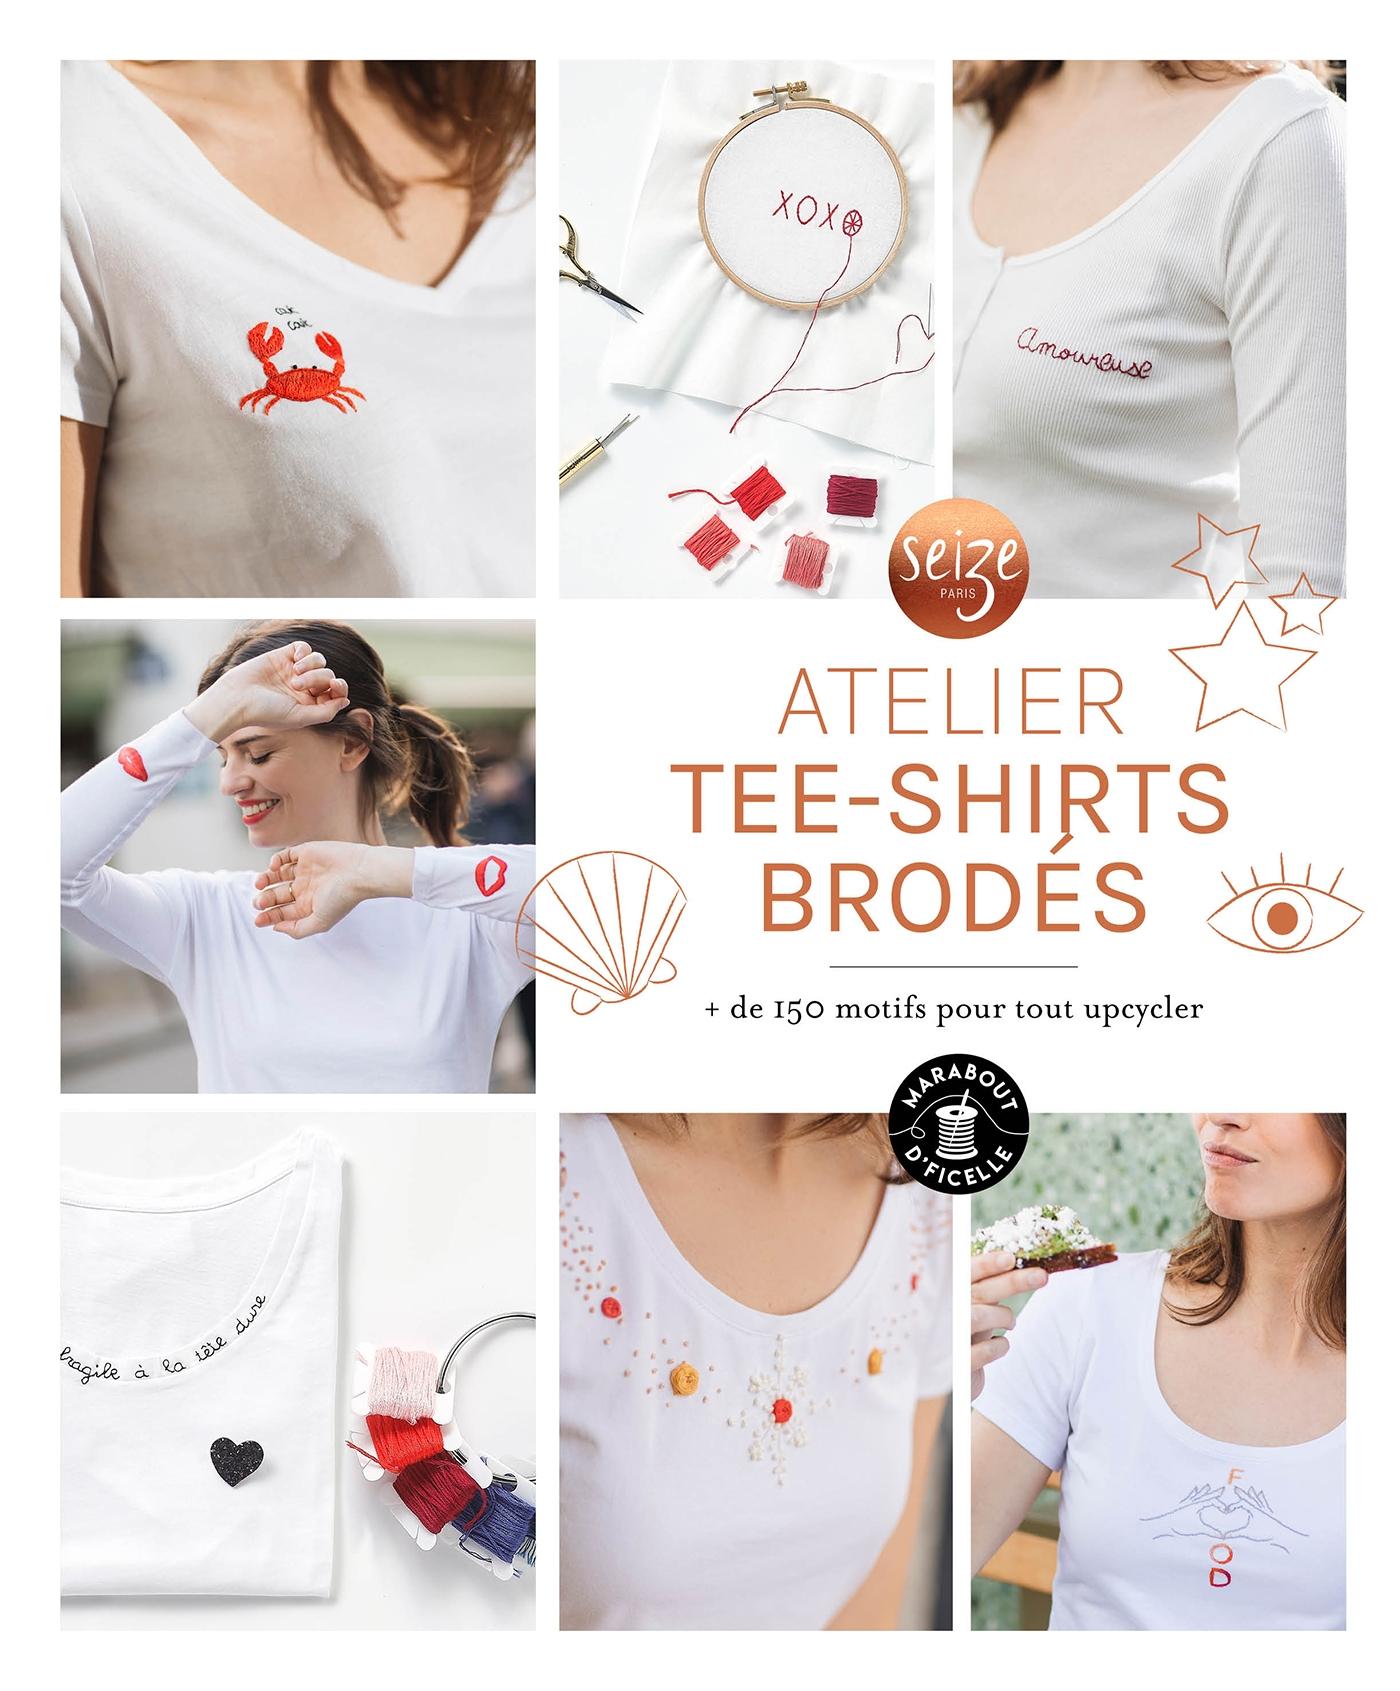 Mon atelier tee-shirts brodés | Chicoine, Claire. Auteur